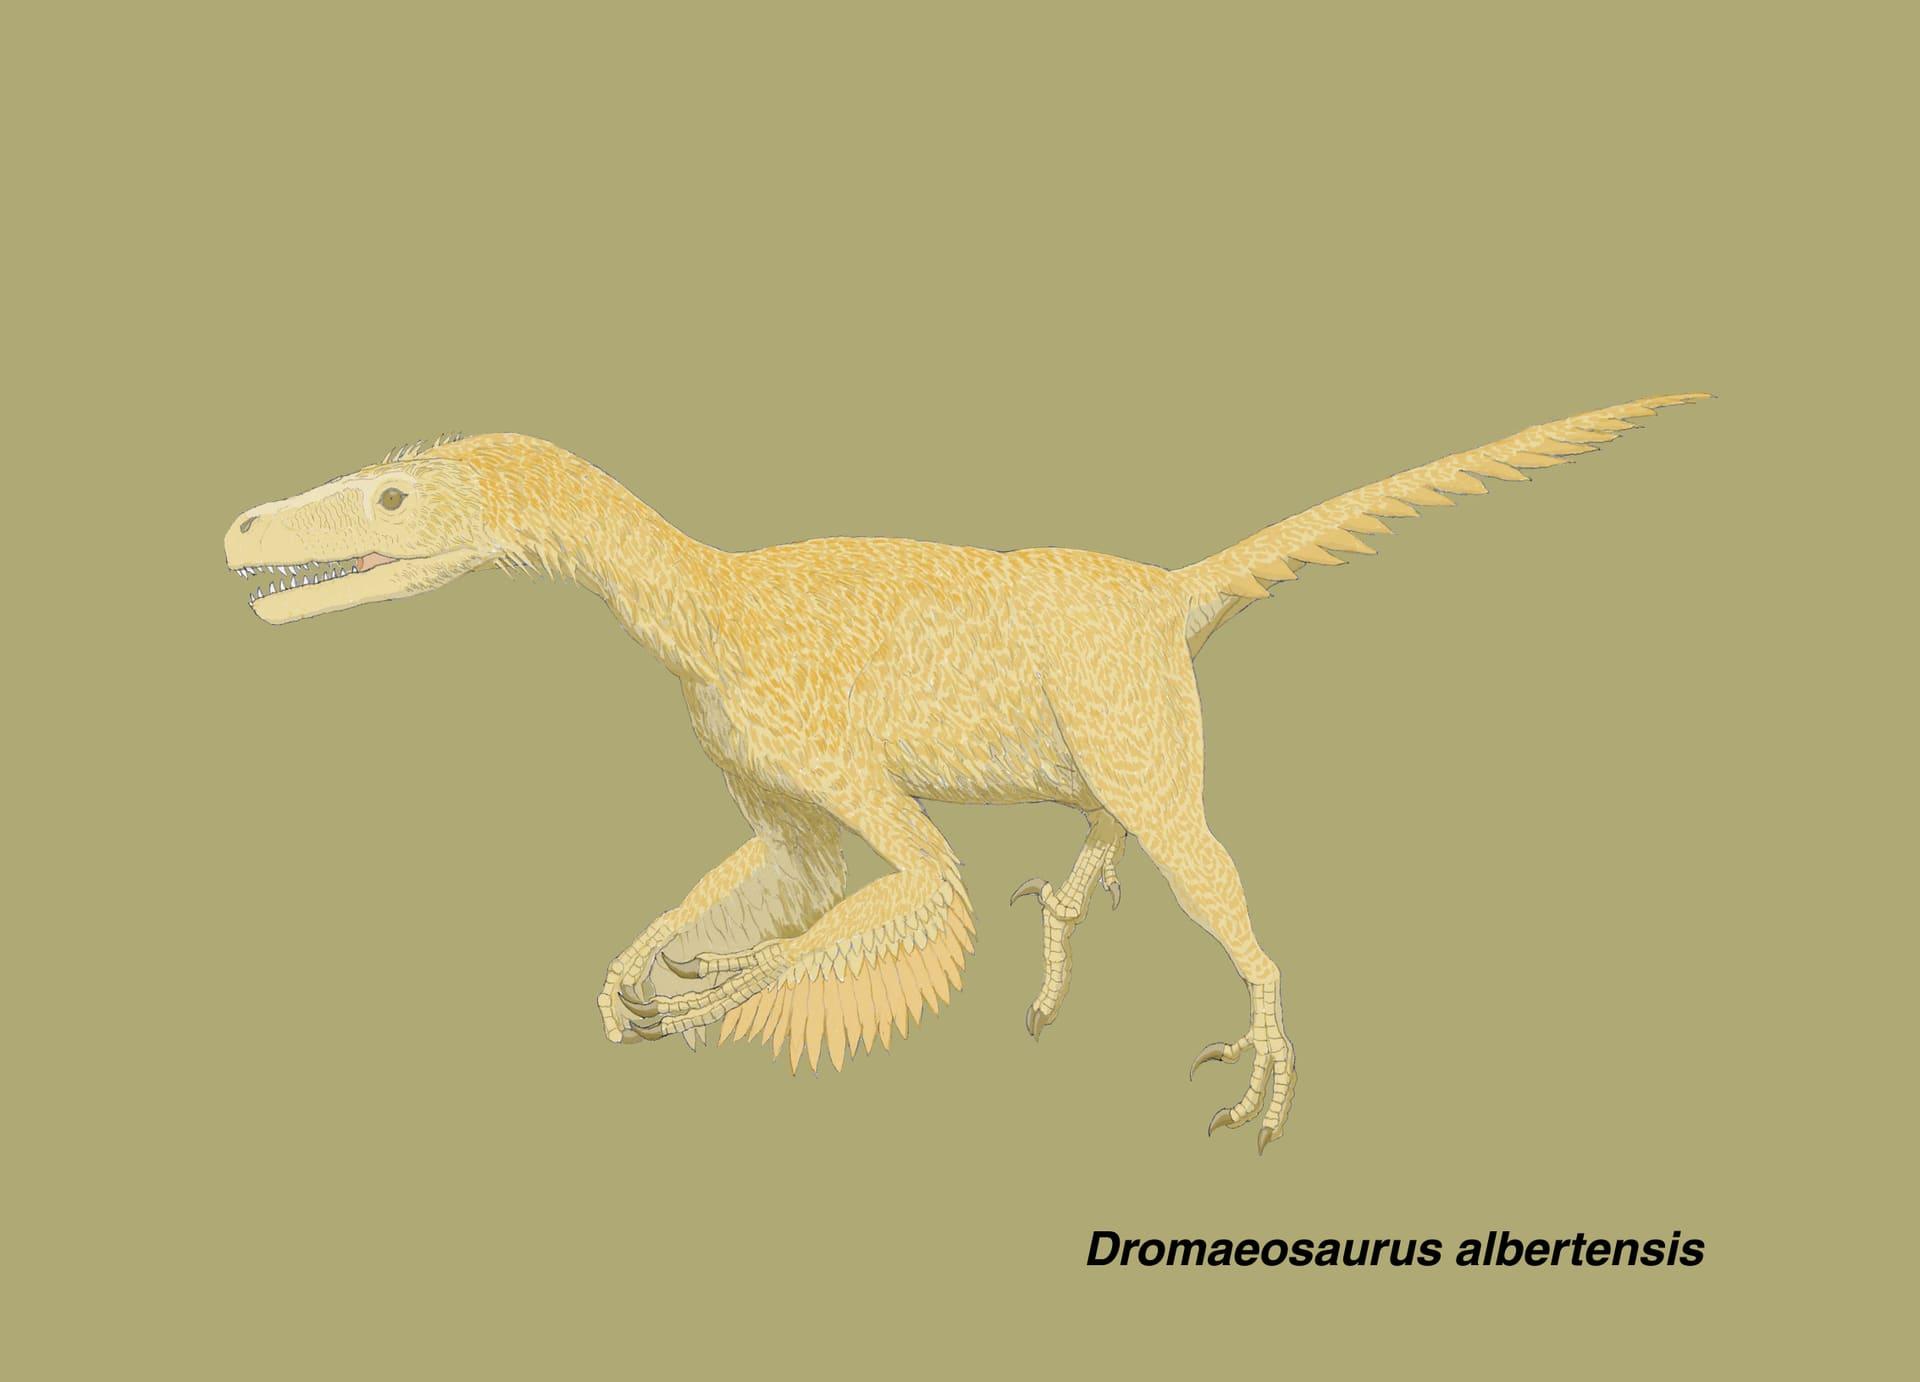 ドロマエオサウルス科」のブログ...